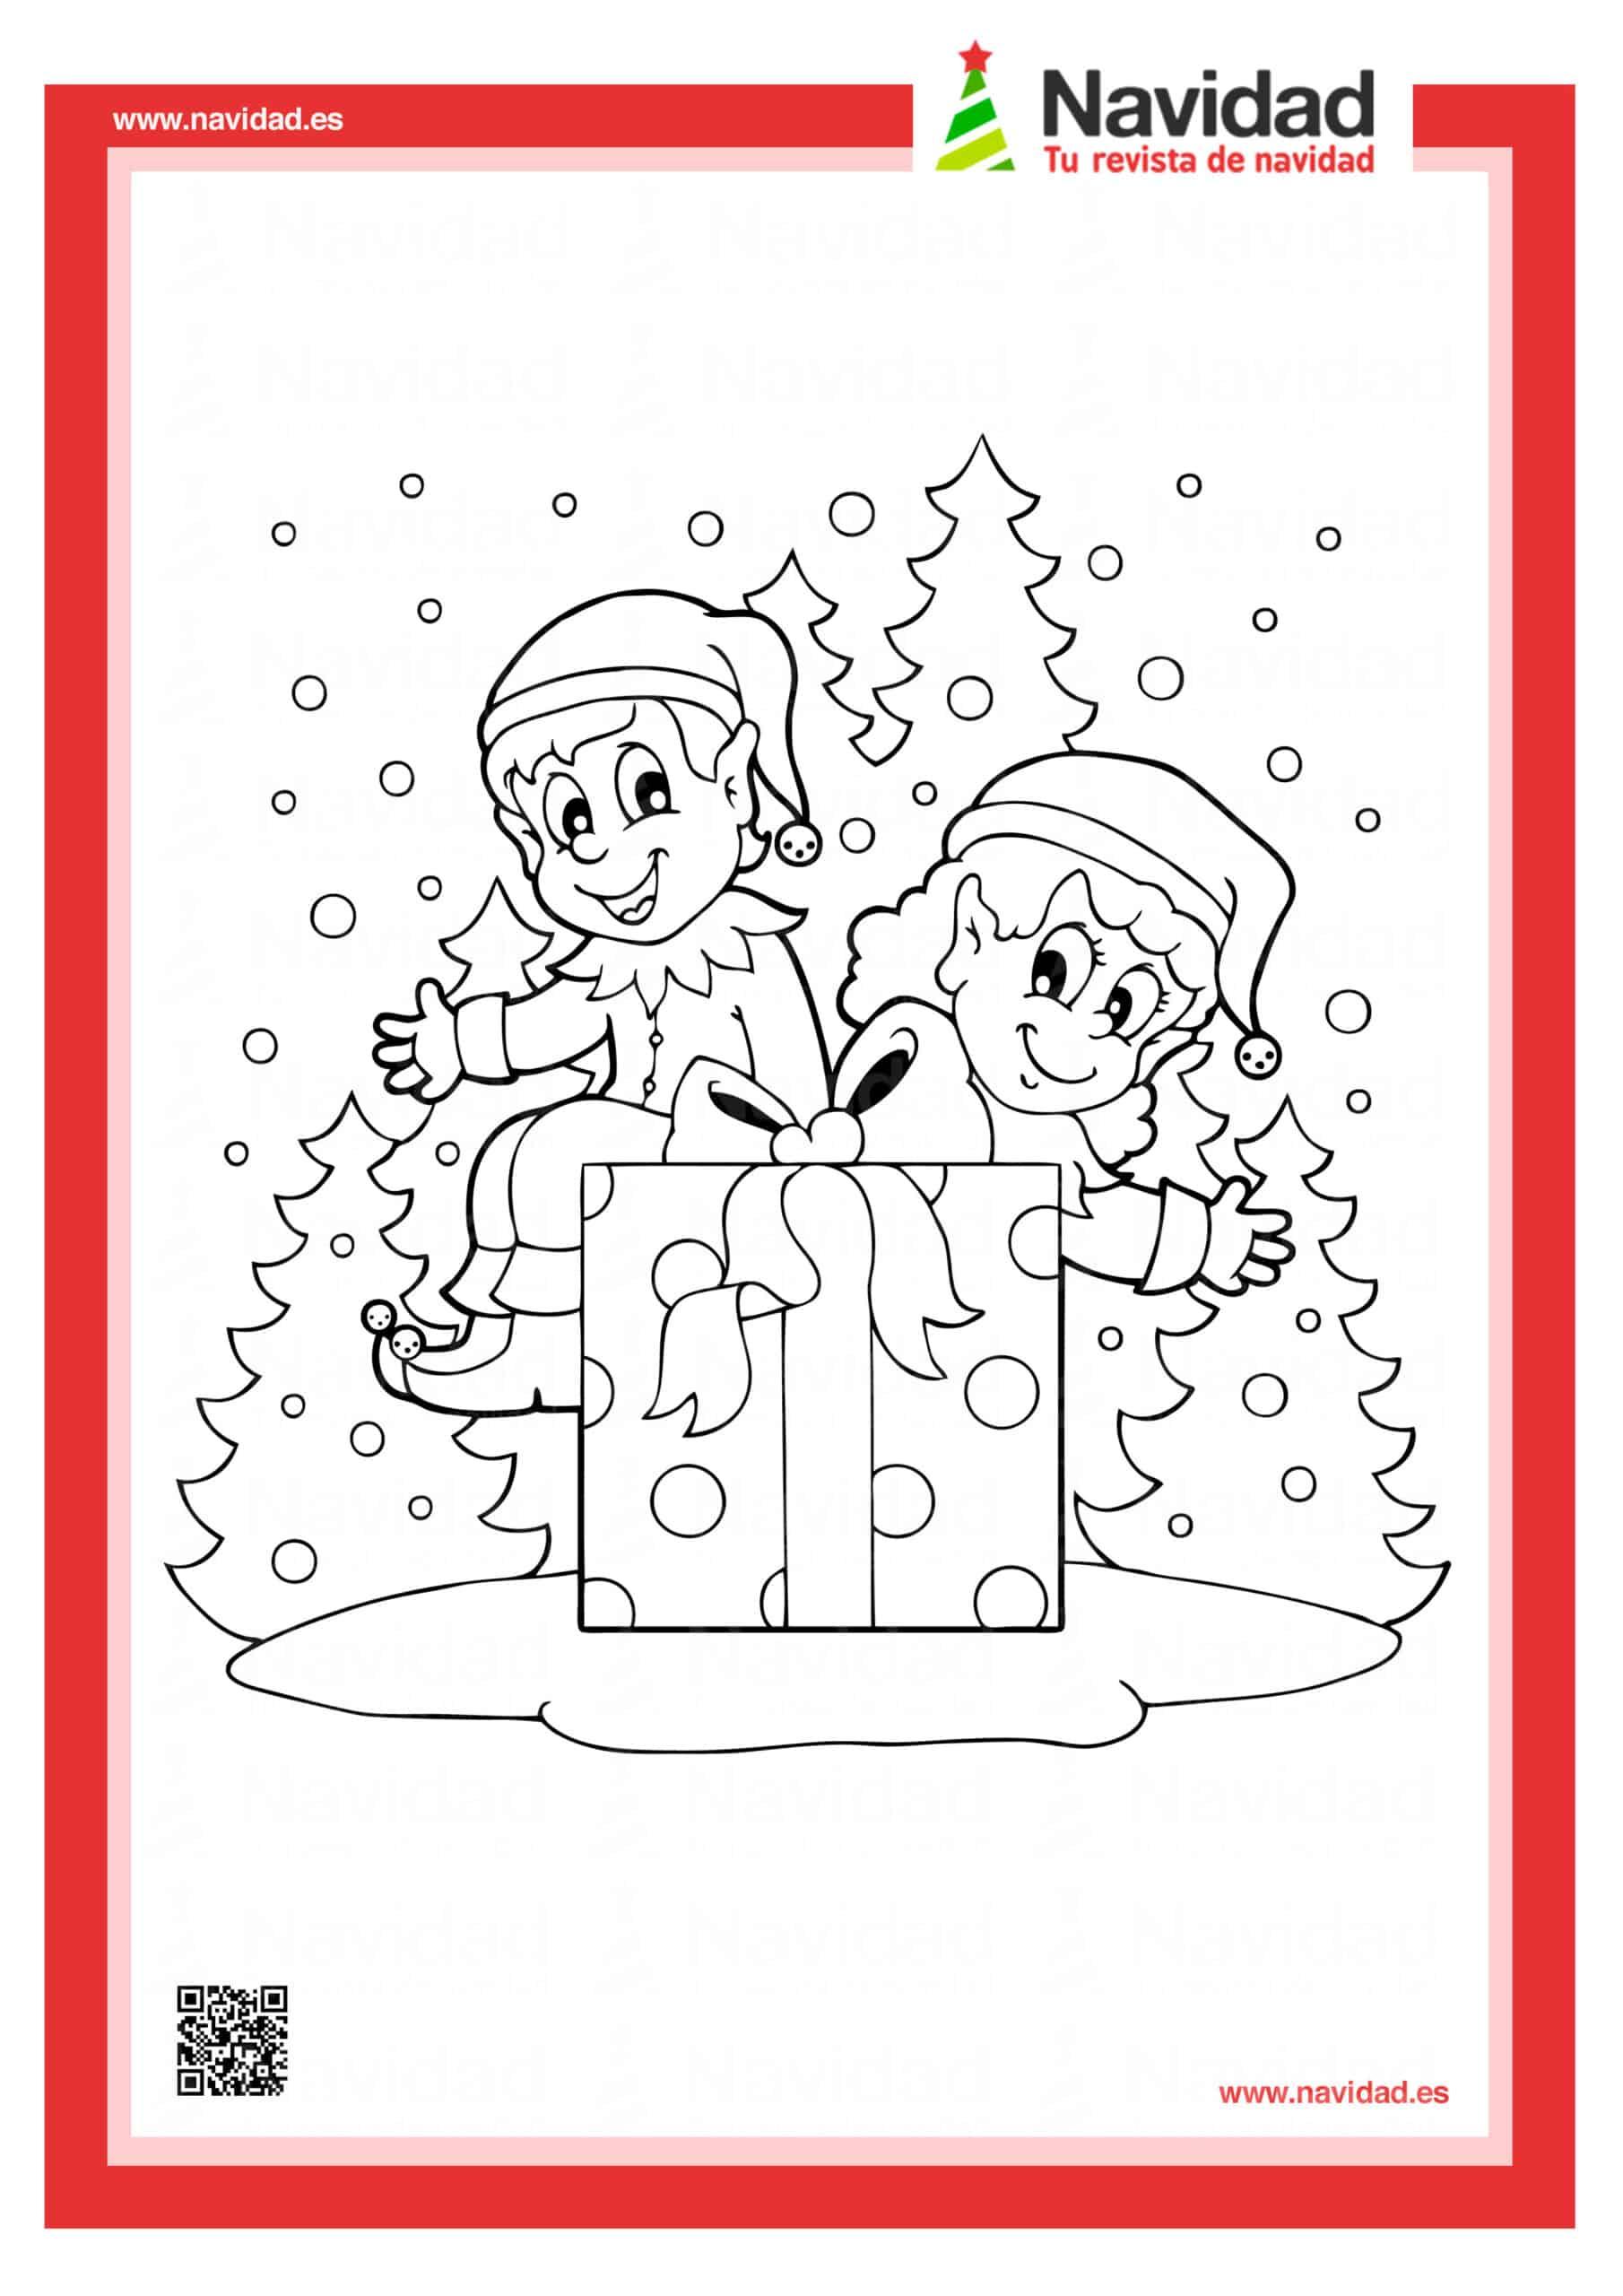 Dibujos navideños para colorear con los hijos esta Navidad 7